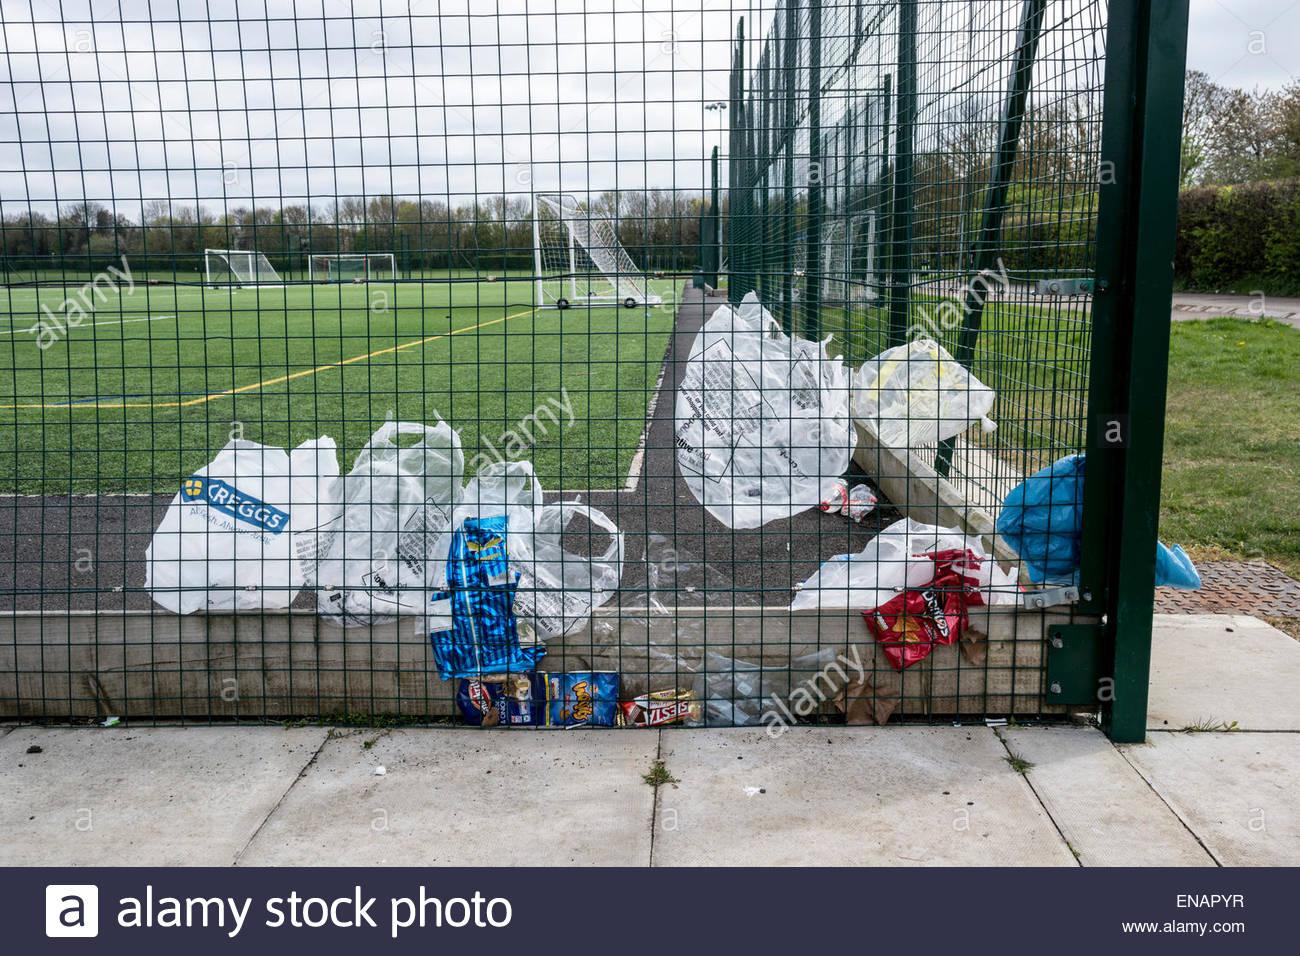 Las bolsas de plástico atrapada en una valla en un campo de deportes para todo clima exterior Imagen De Stock